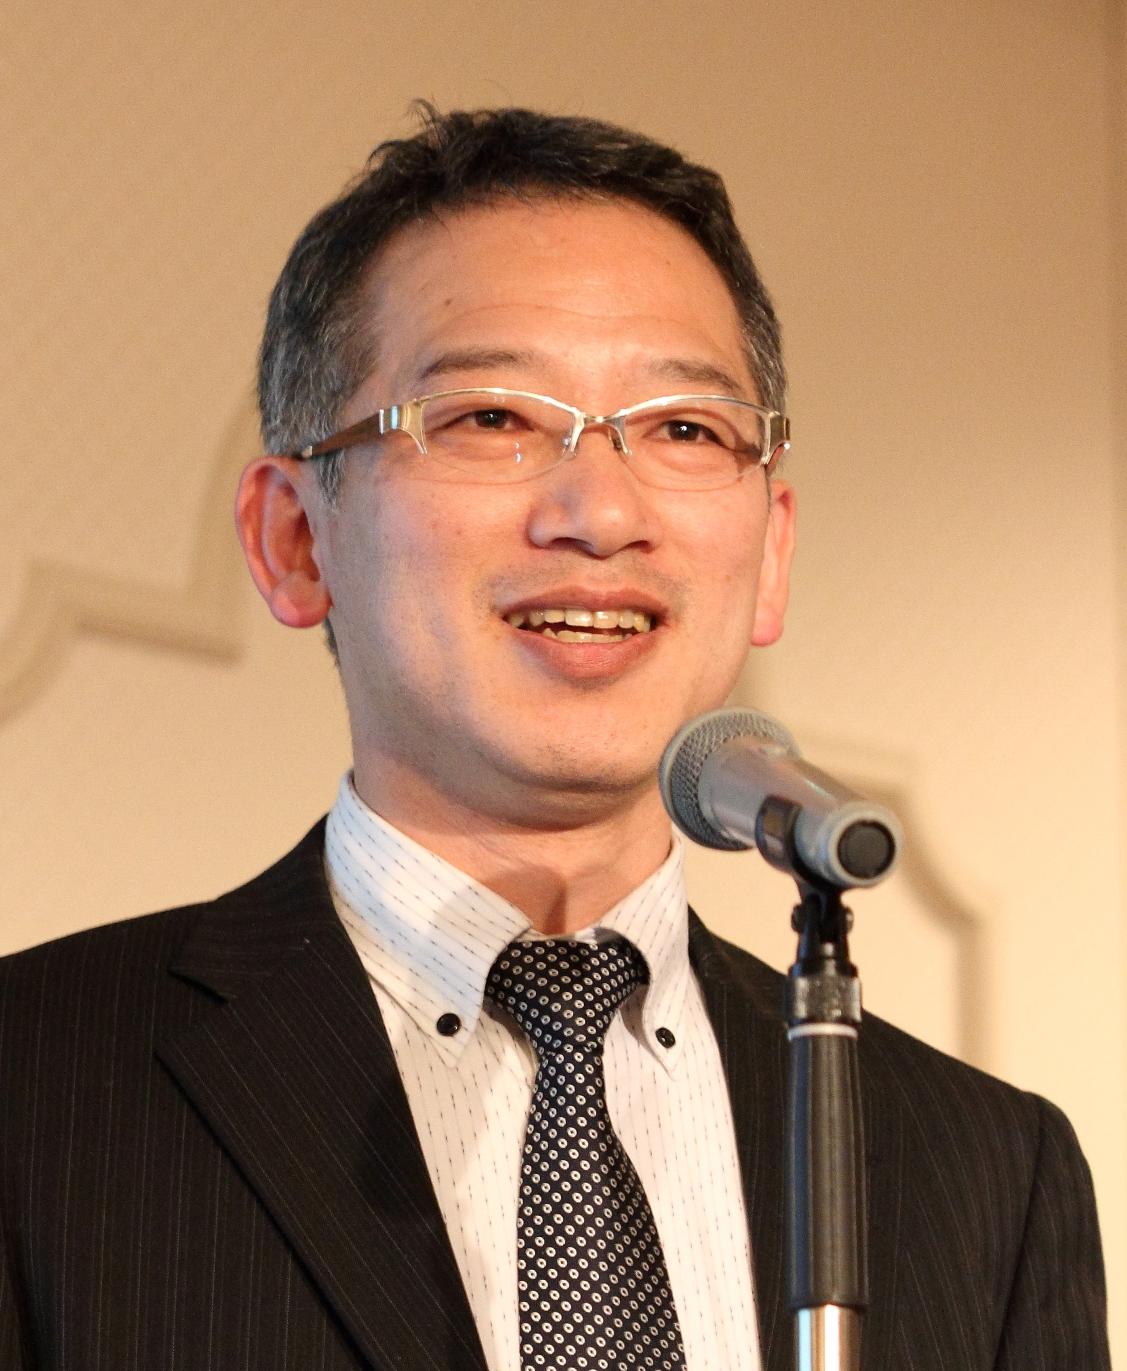 銀座コーチングスクール富山校代表 中村慎一